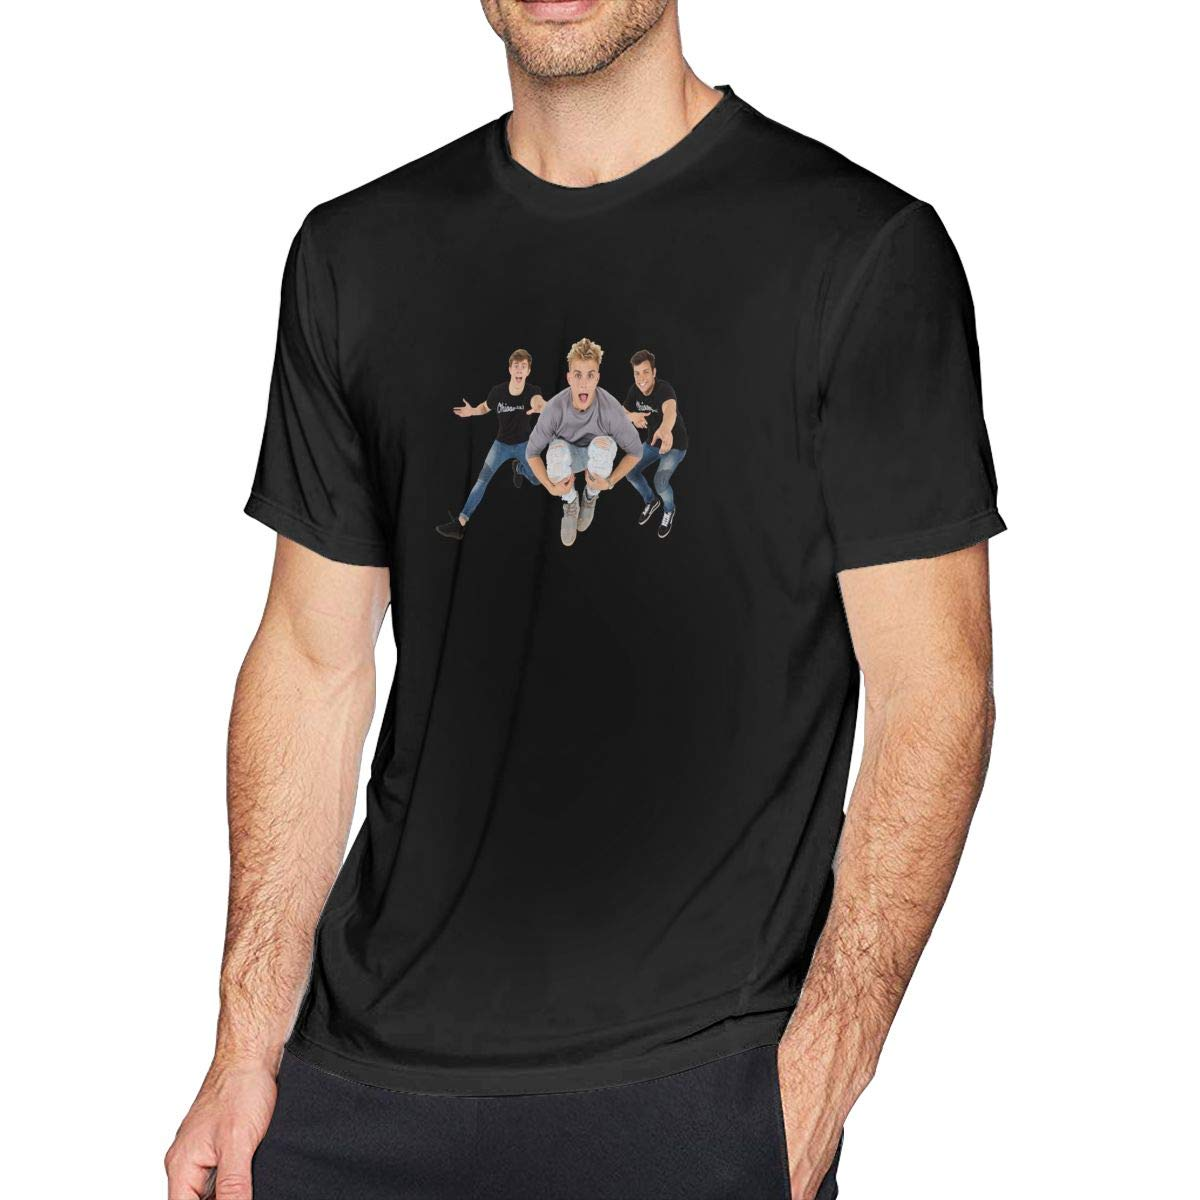 DaihAnle Jake Paul Mens Casual Fashion Short Sleeve T-Shirt